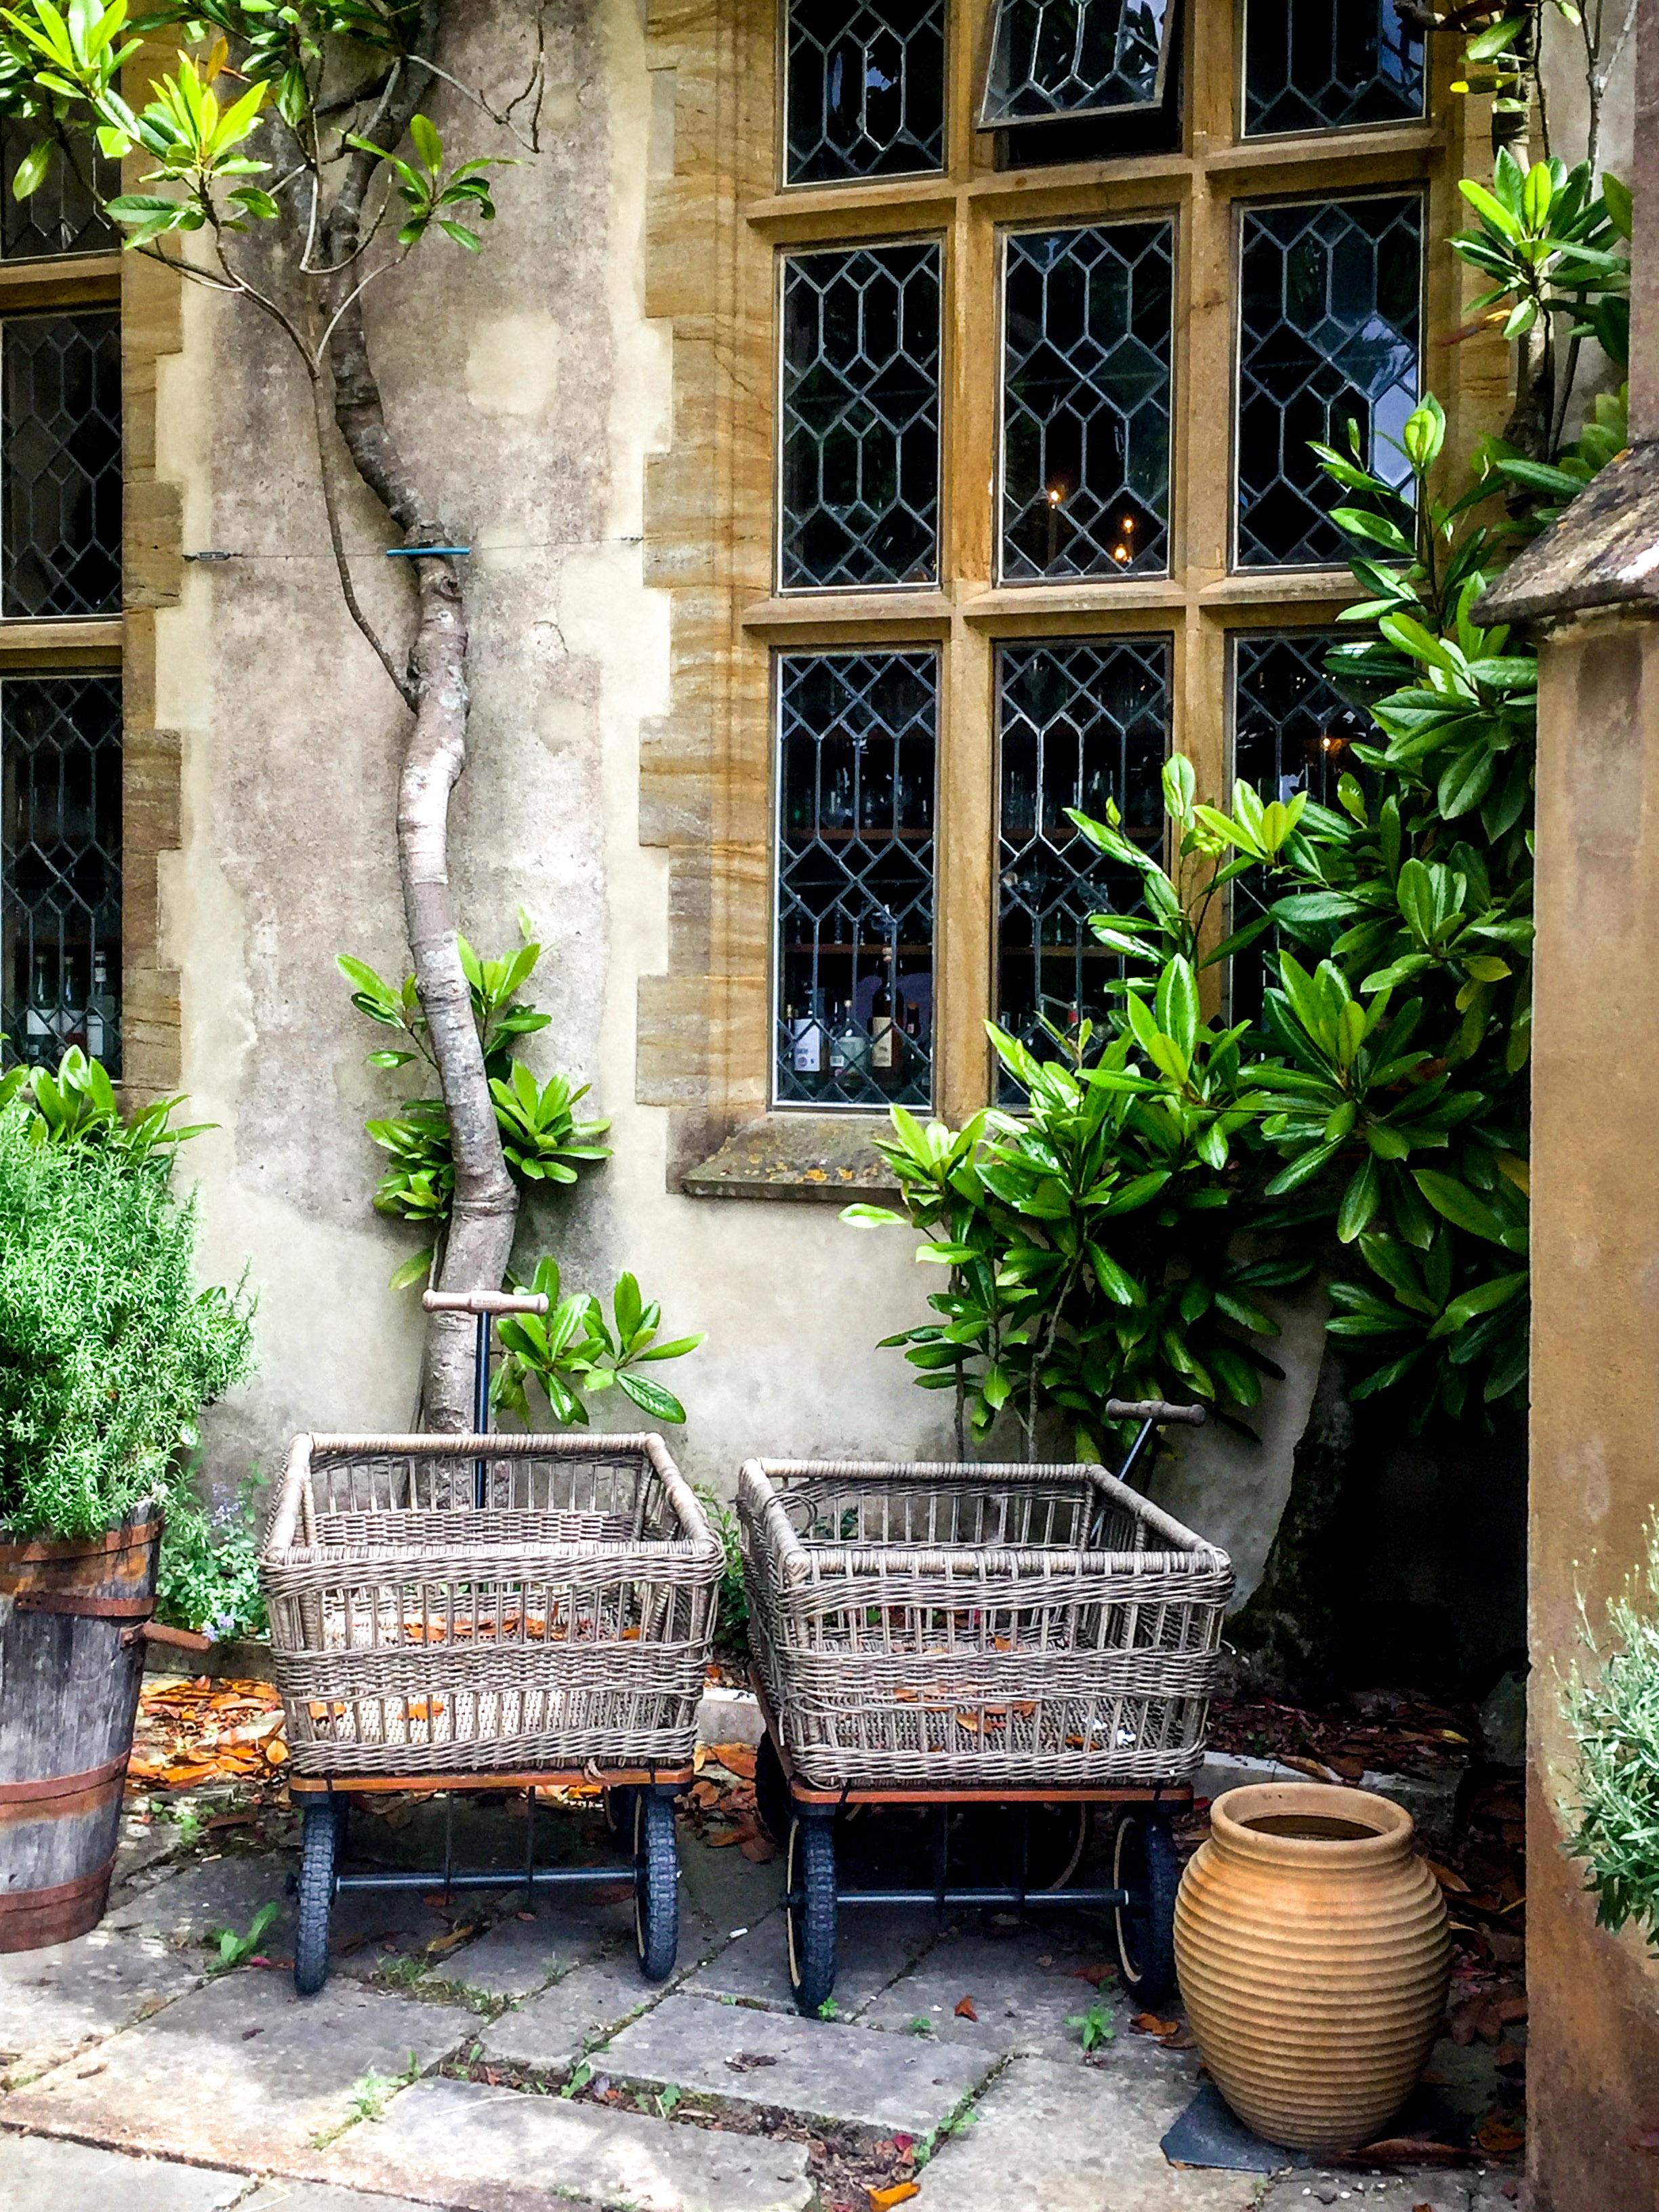 Pig_at_Combe_Gardening_Carts_Weston_Table.jpg